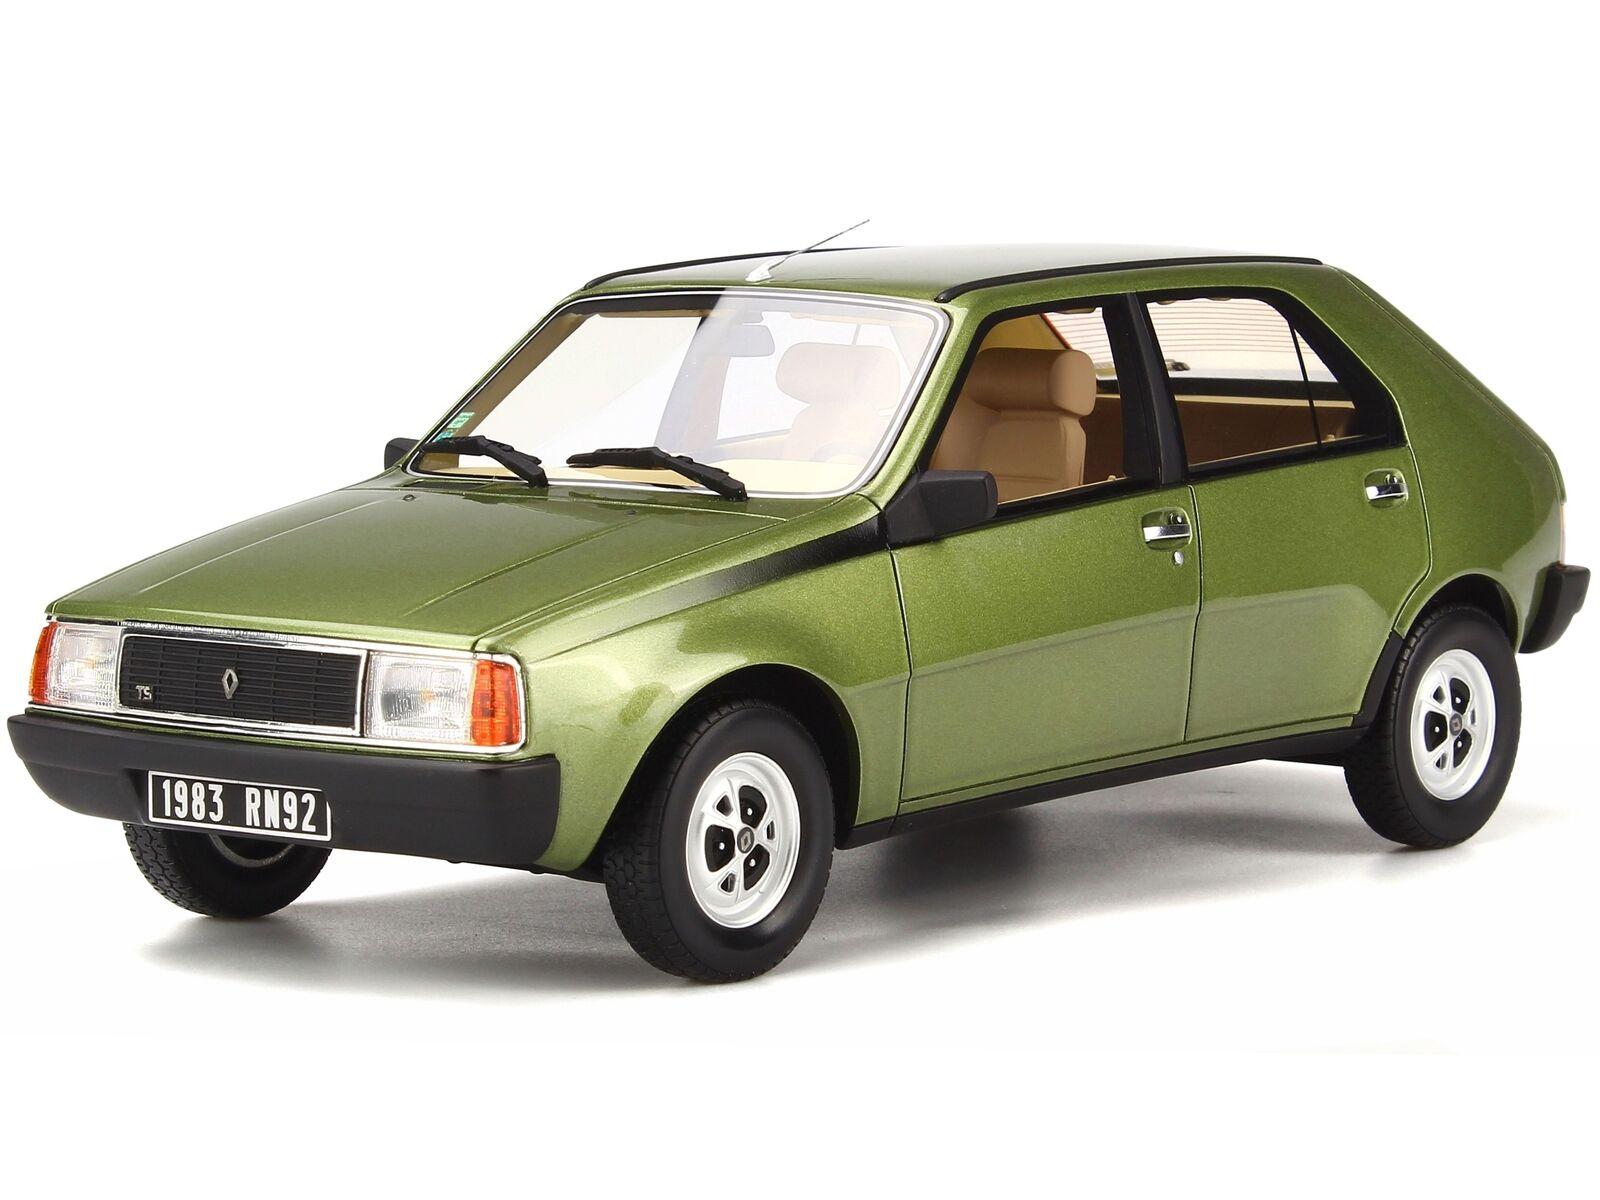 Renault 14 R14 TS 1983 verde mousse 917 coche en miniatura OT712 Otto 1 18